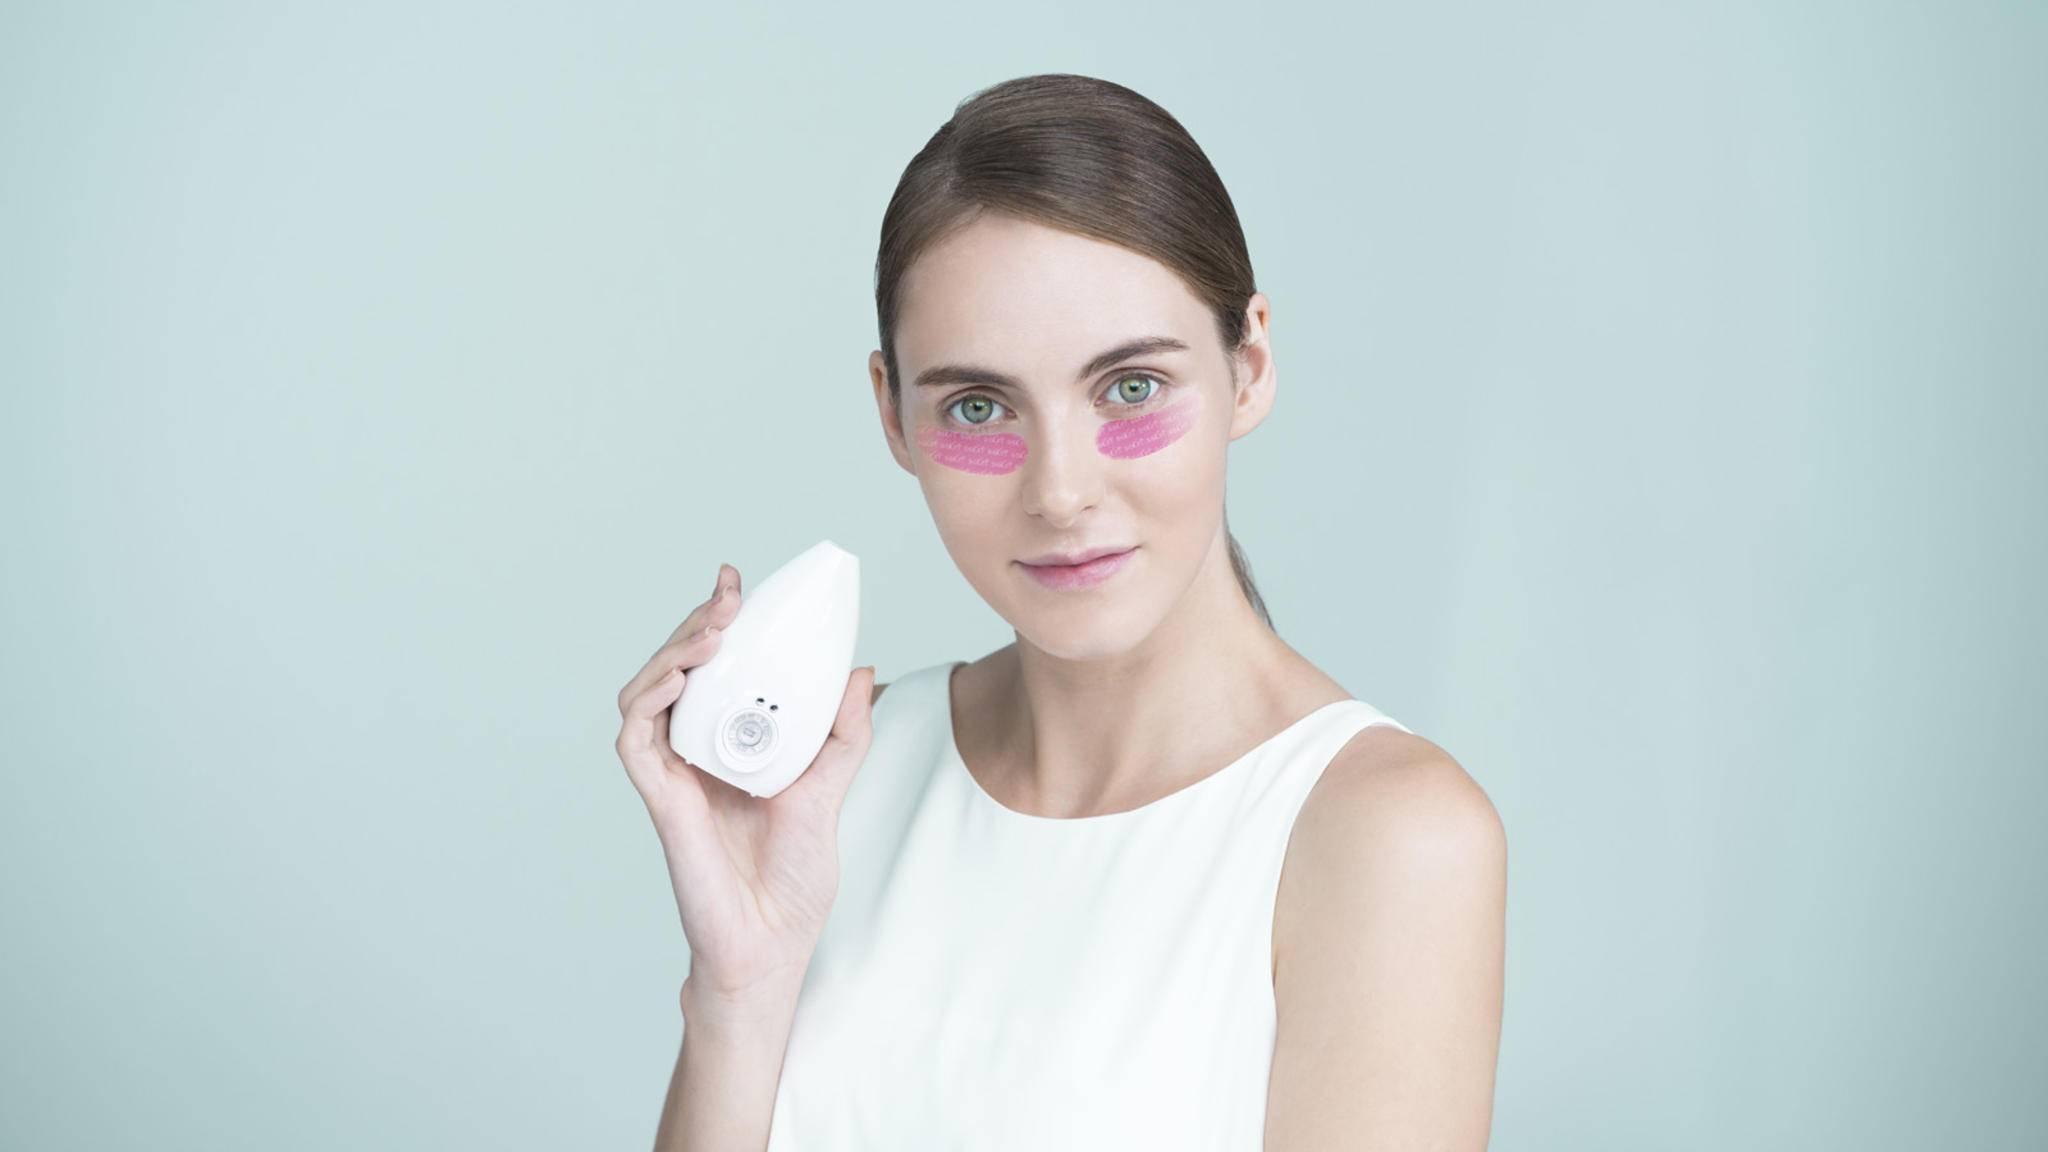 Mit Licht und High-Tech-Pflastern will der S-Skin von Samsung das Hautbild verbessern.